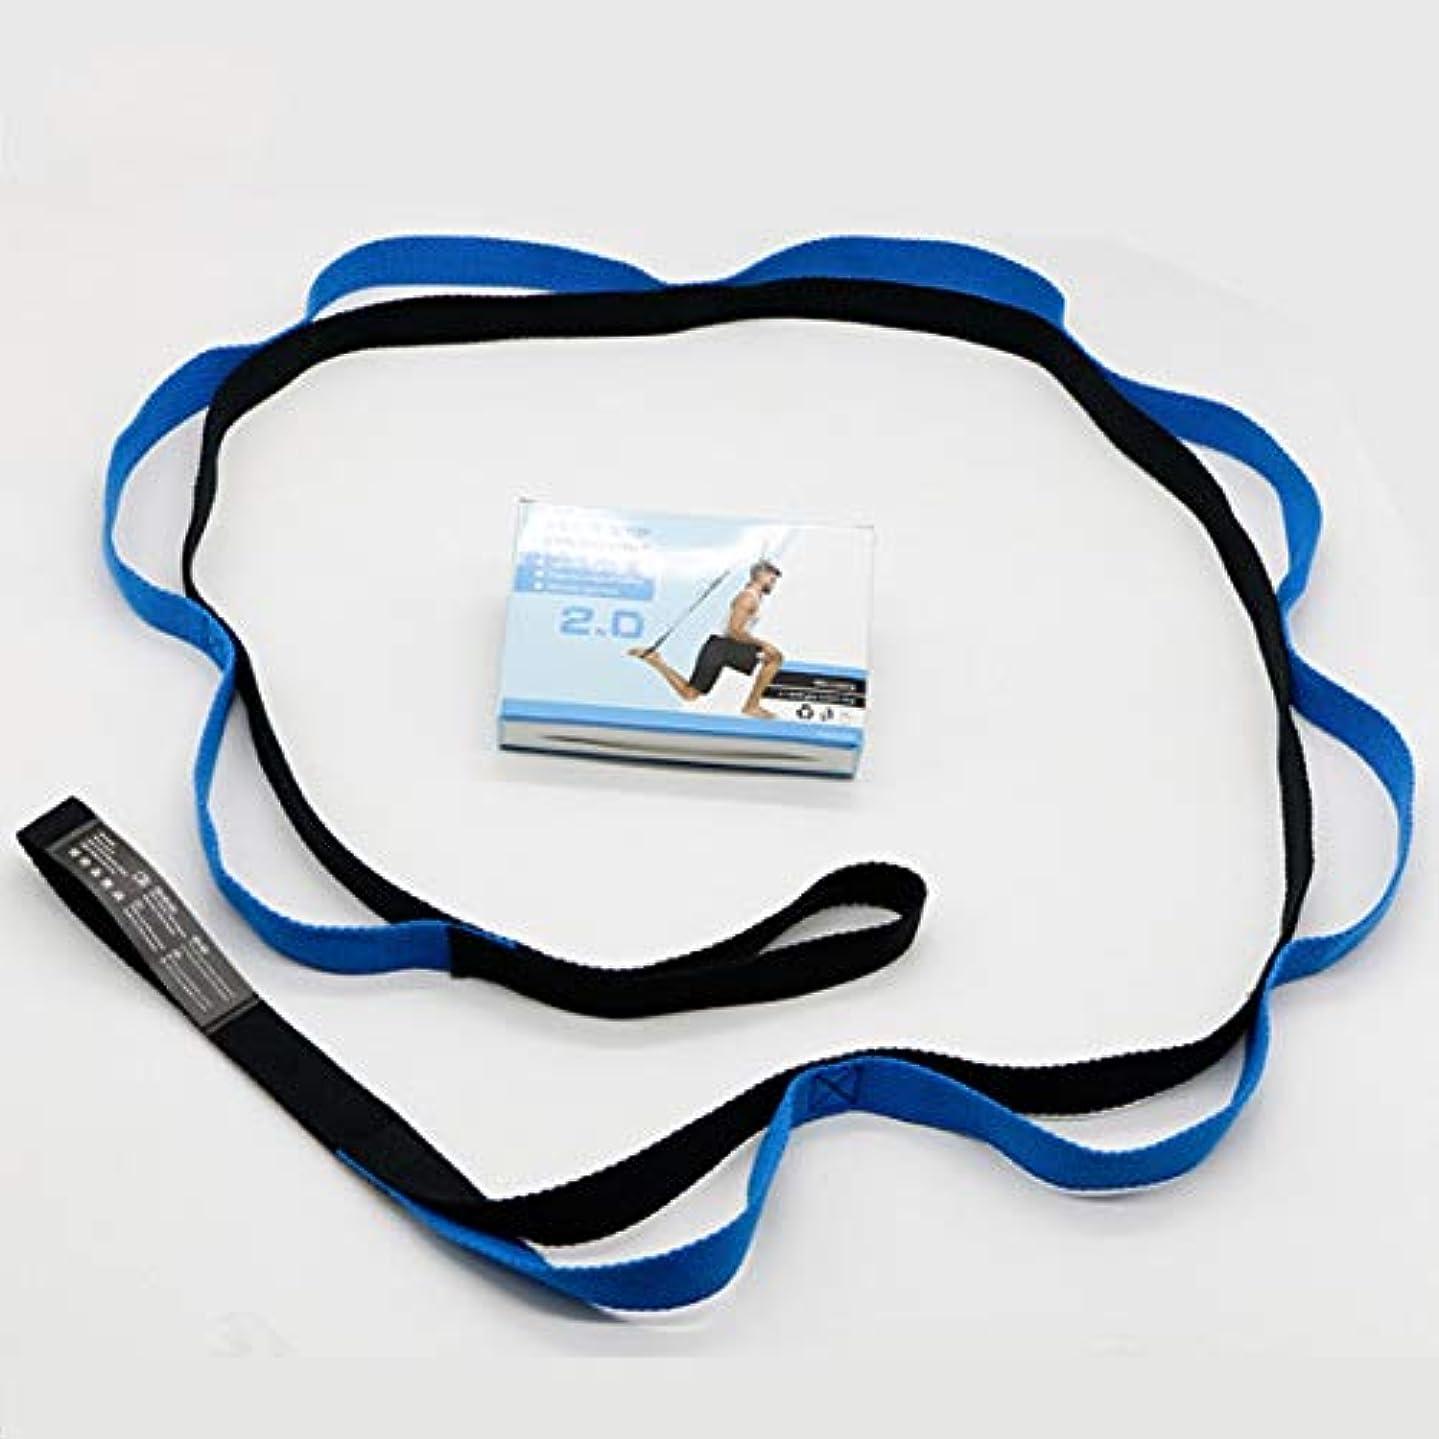 全滅させる特別なサーフィンフィットネスエクササイズジムヨガストレッチアウトストラップ弾性ベルトウエストレッグアームエクステンションストラップベルトスポーツユニセックストレーニングベルトバンド - ブルー&ブラック